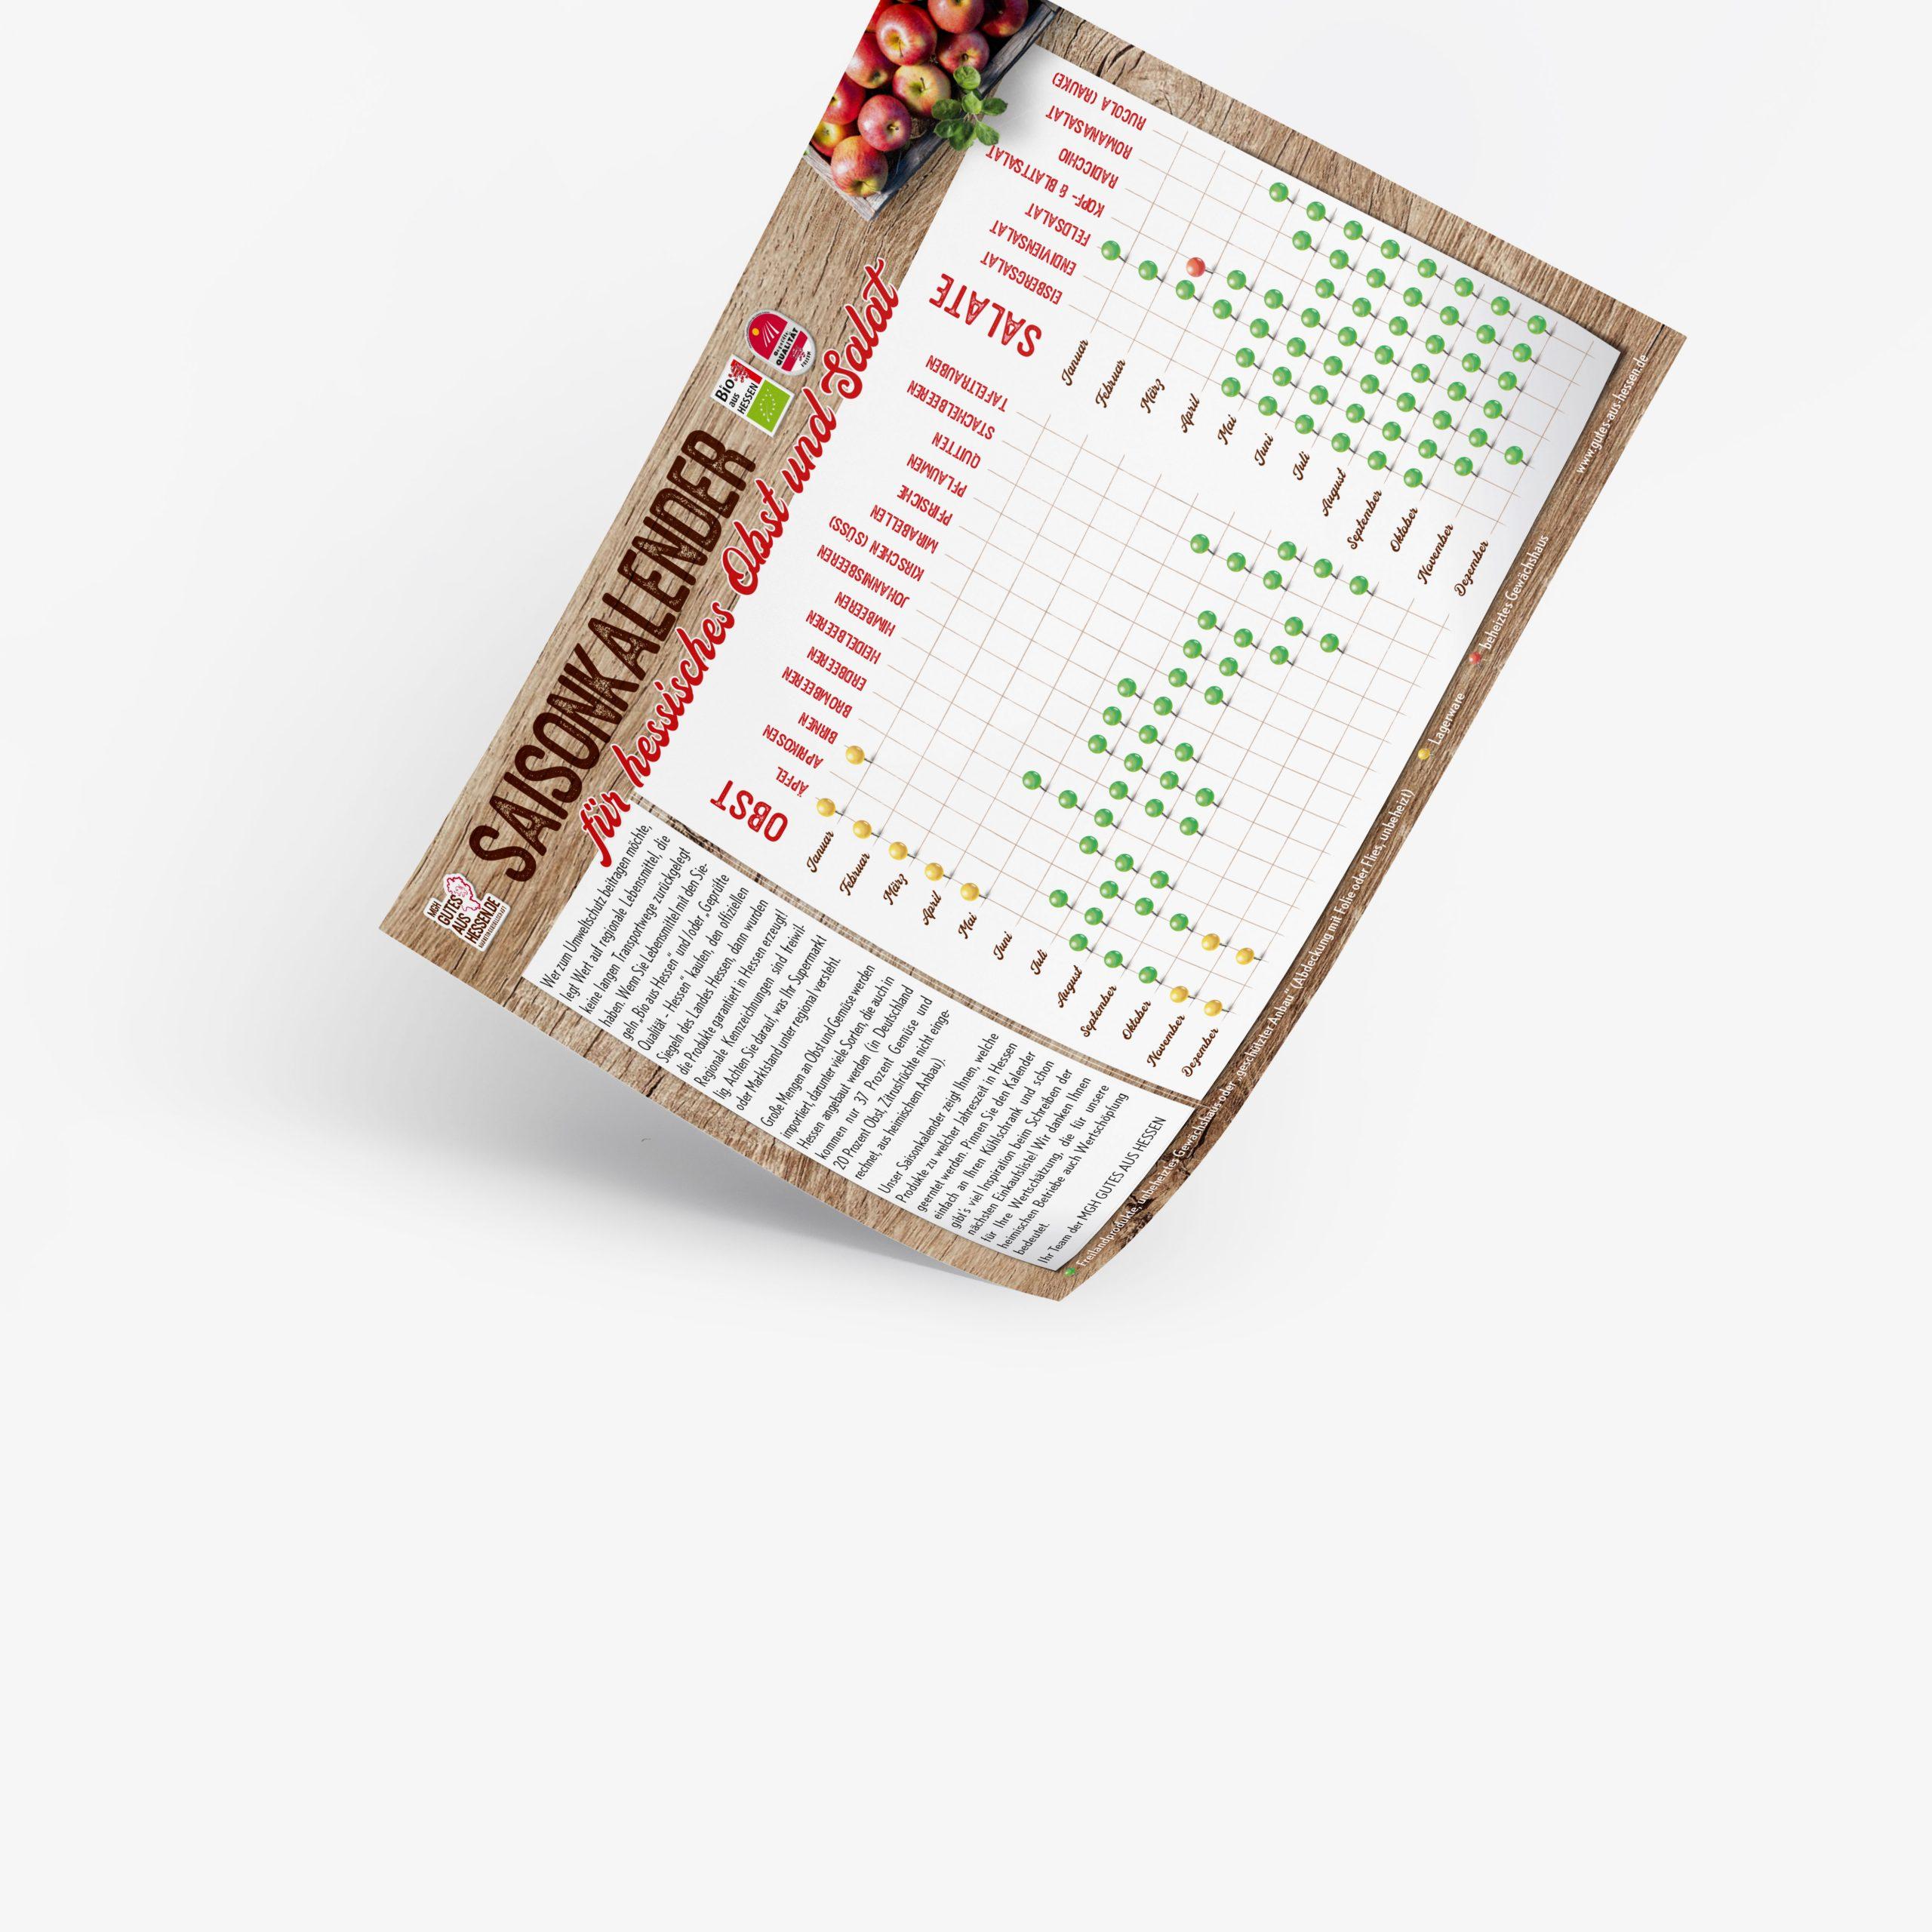 Saisonkalendar von Gutes aus Hessen